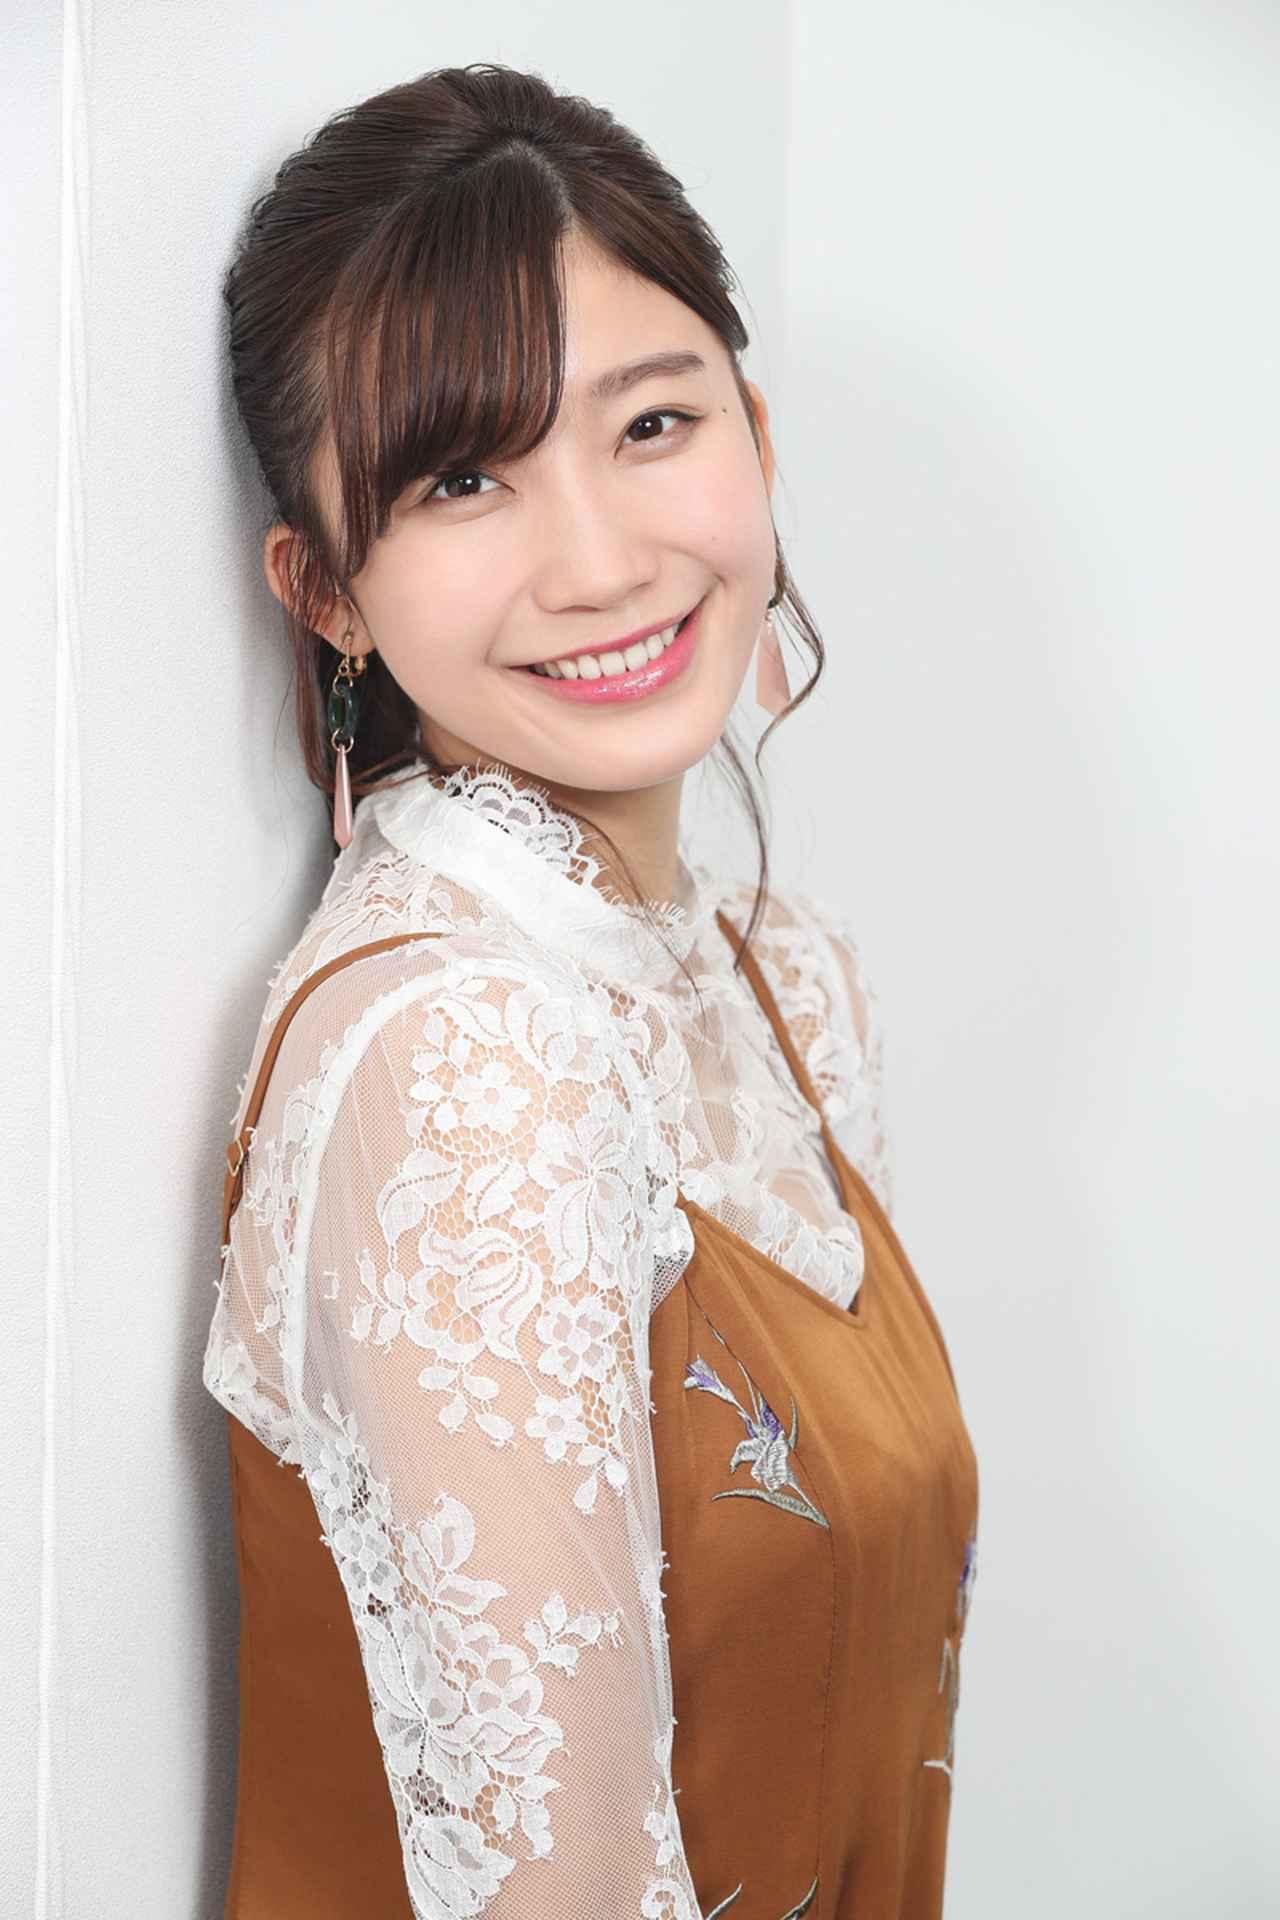 画像4: 小倉優香/初めて挑んだ本格アクションの成果を観てほしい。初主演作『レッド・ブレイド』12/15より公開